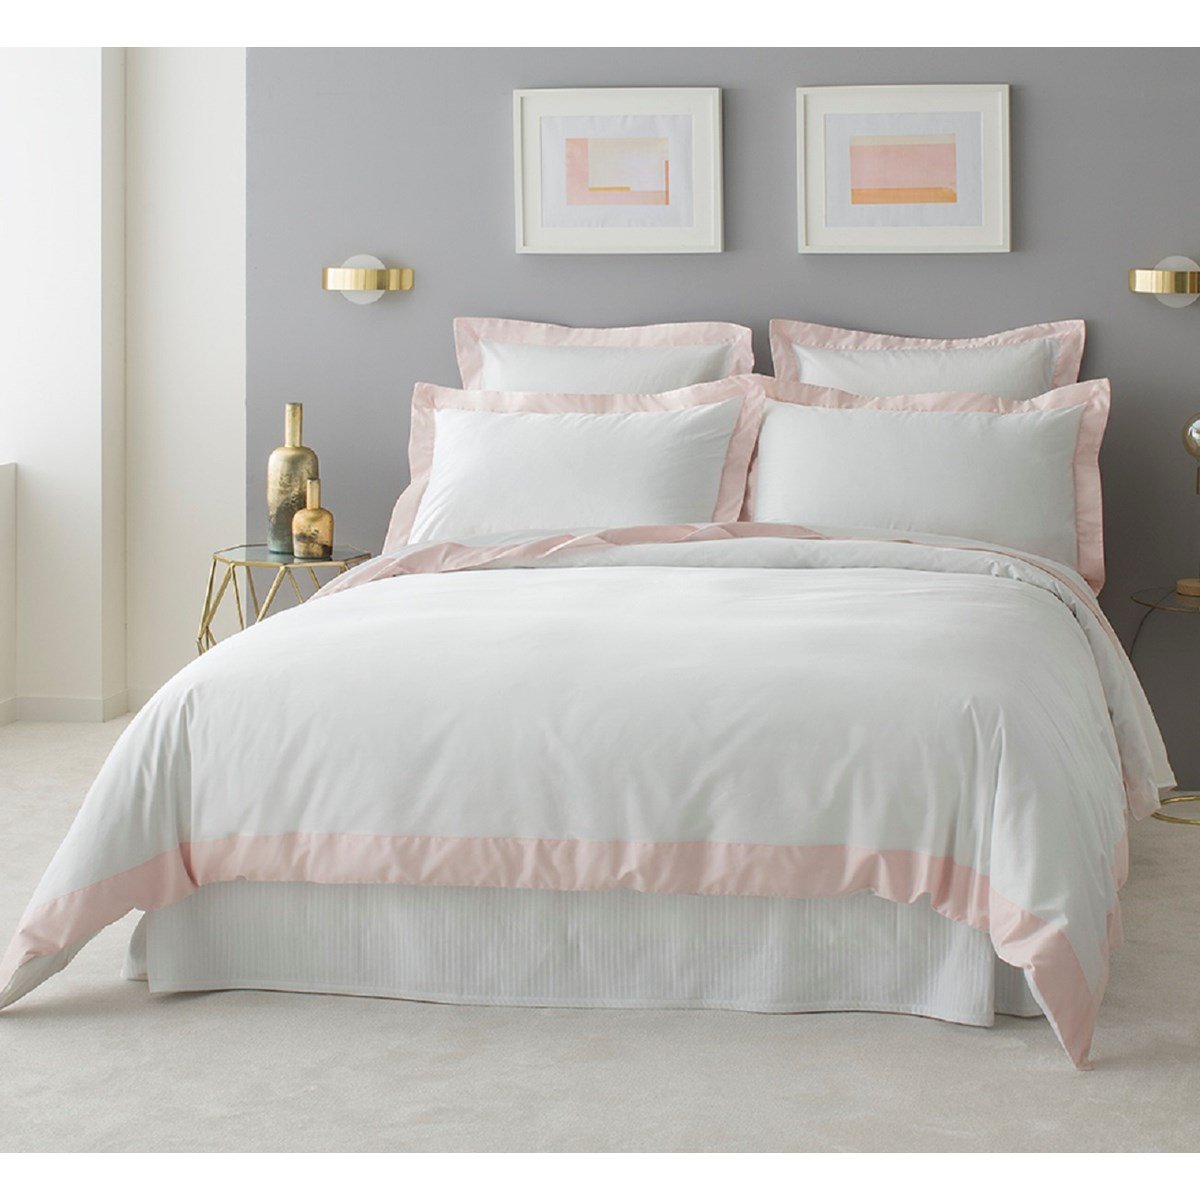 Housse de couette luxe en Satin de coton  Rose pâle 200x200 cm